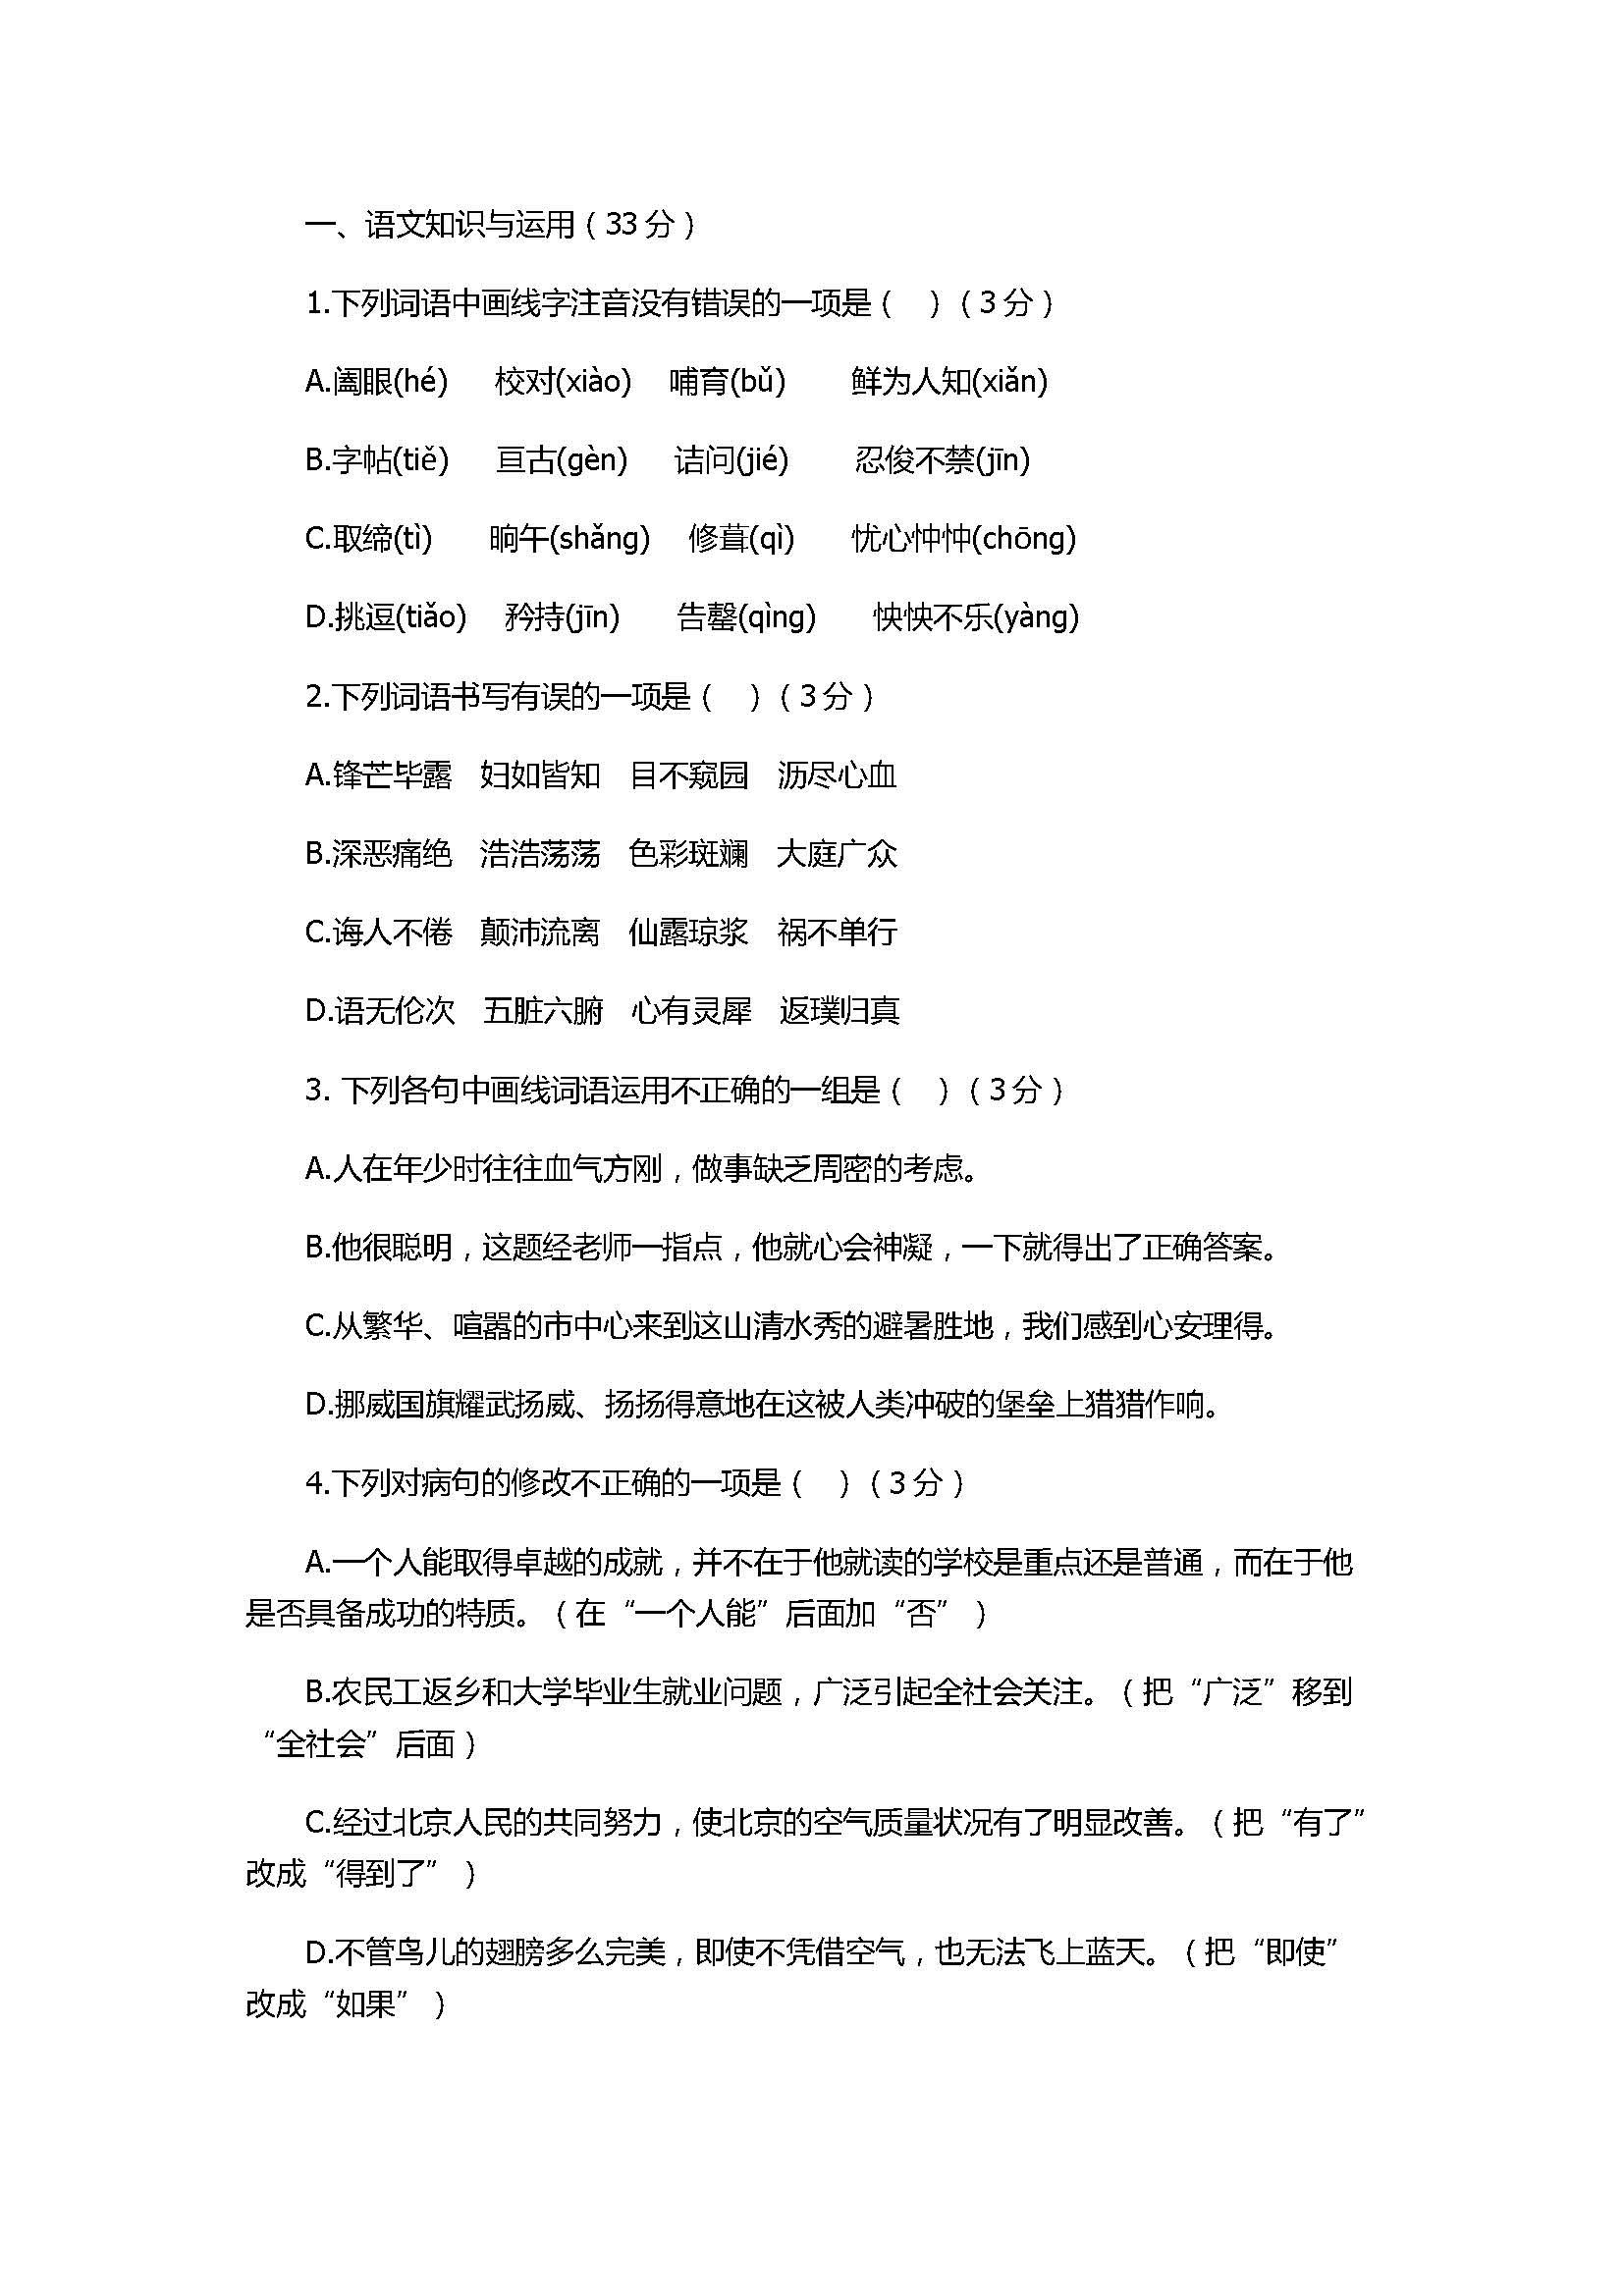 2017七年级语文期末测试题及参考答案(南江县)